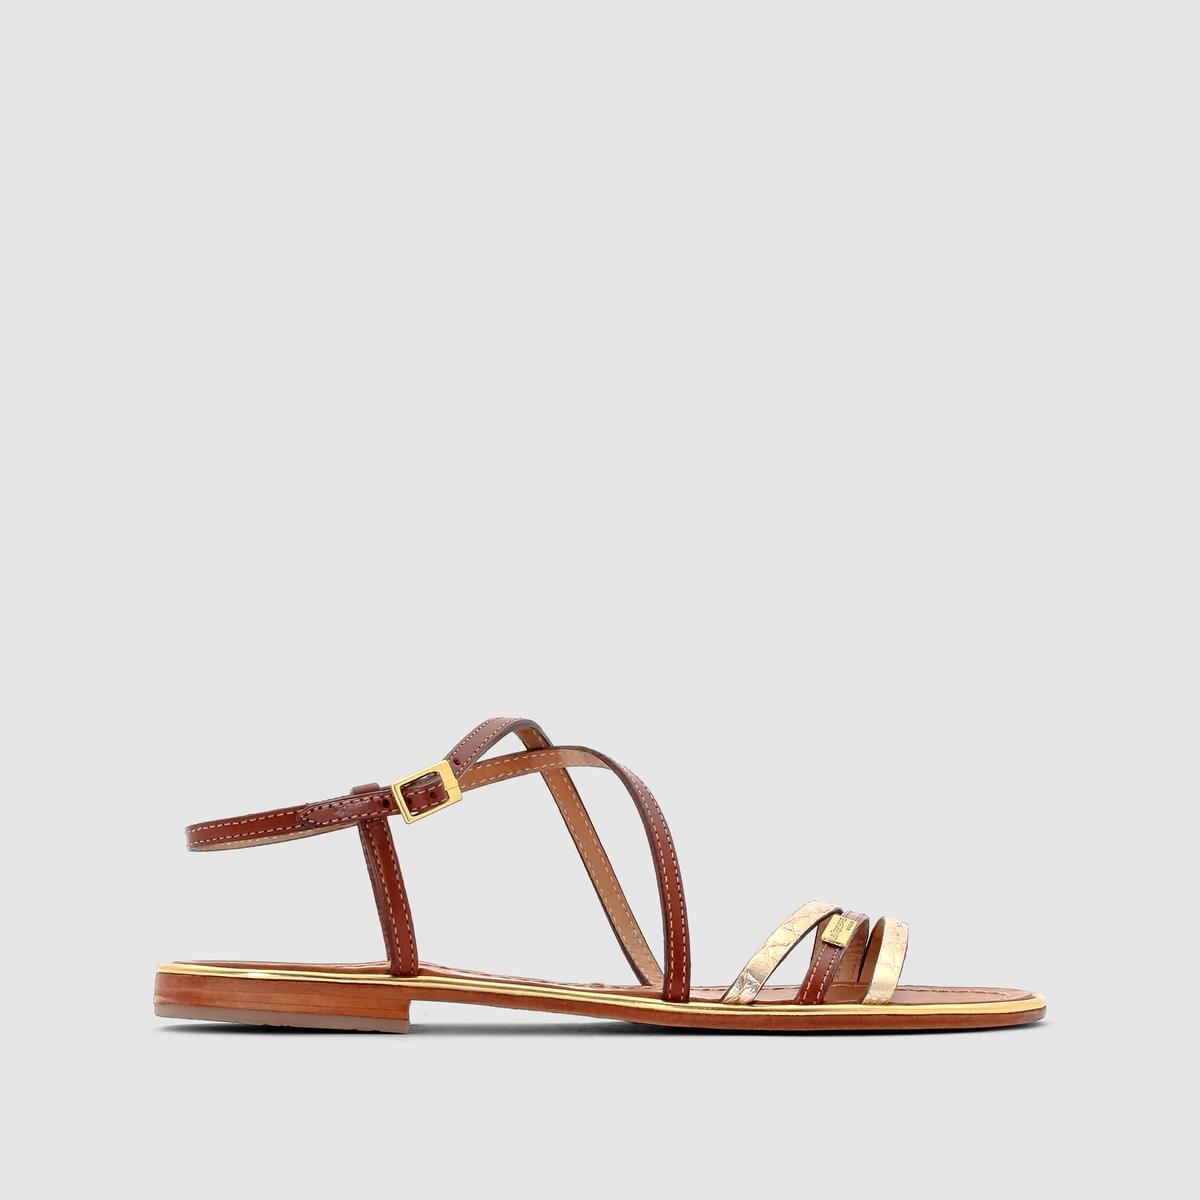 Сандалии Balise, из кожи, плоскиеИх тонкие кожаные ремешки и золотистый цвет украсят ваши ножки этим летом в изысканном стиле !<br><br>Цвет: Бежевый/золотистый,черный<br>Размер: 39.36